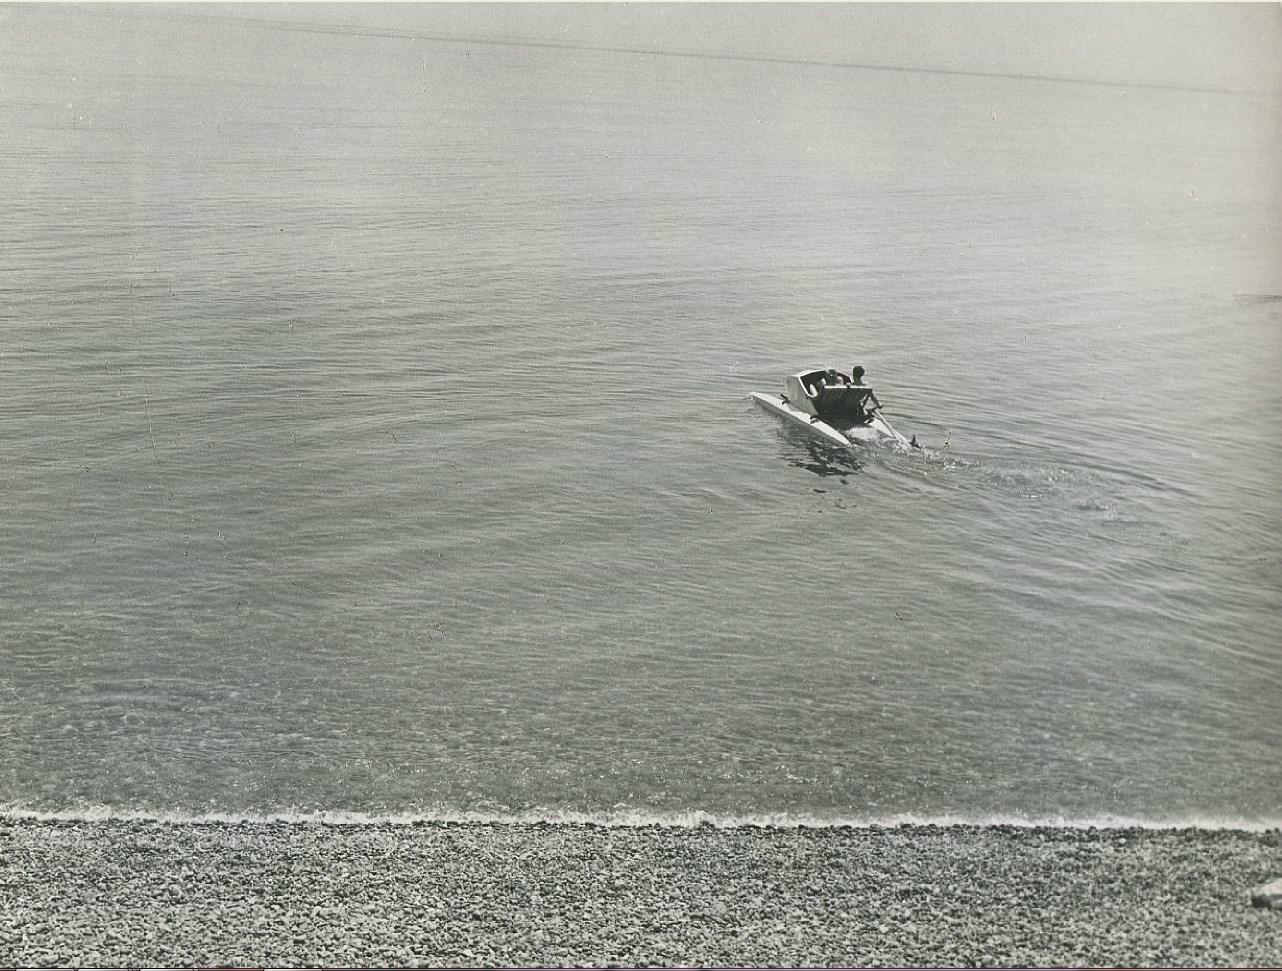 Пикап на пляже при помощи катамарана. Часть 5